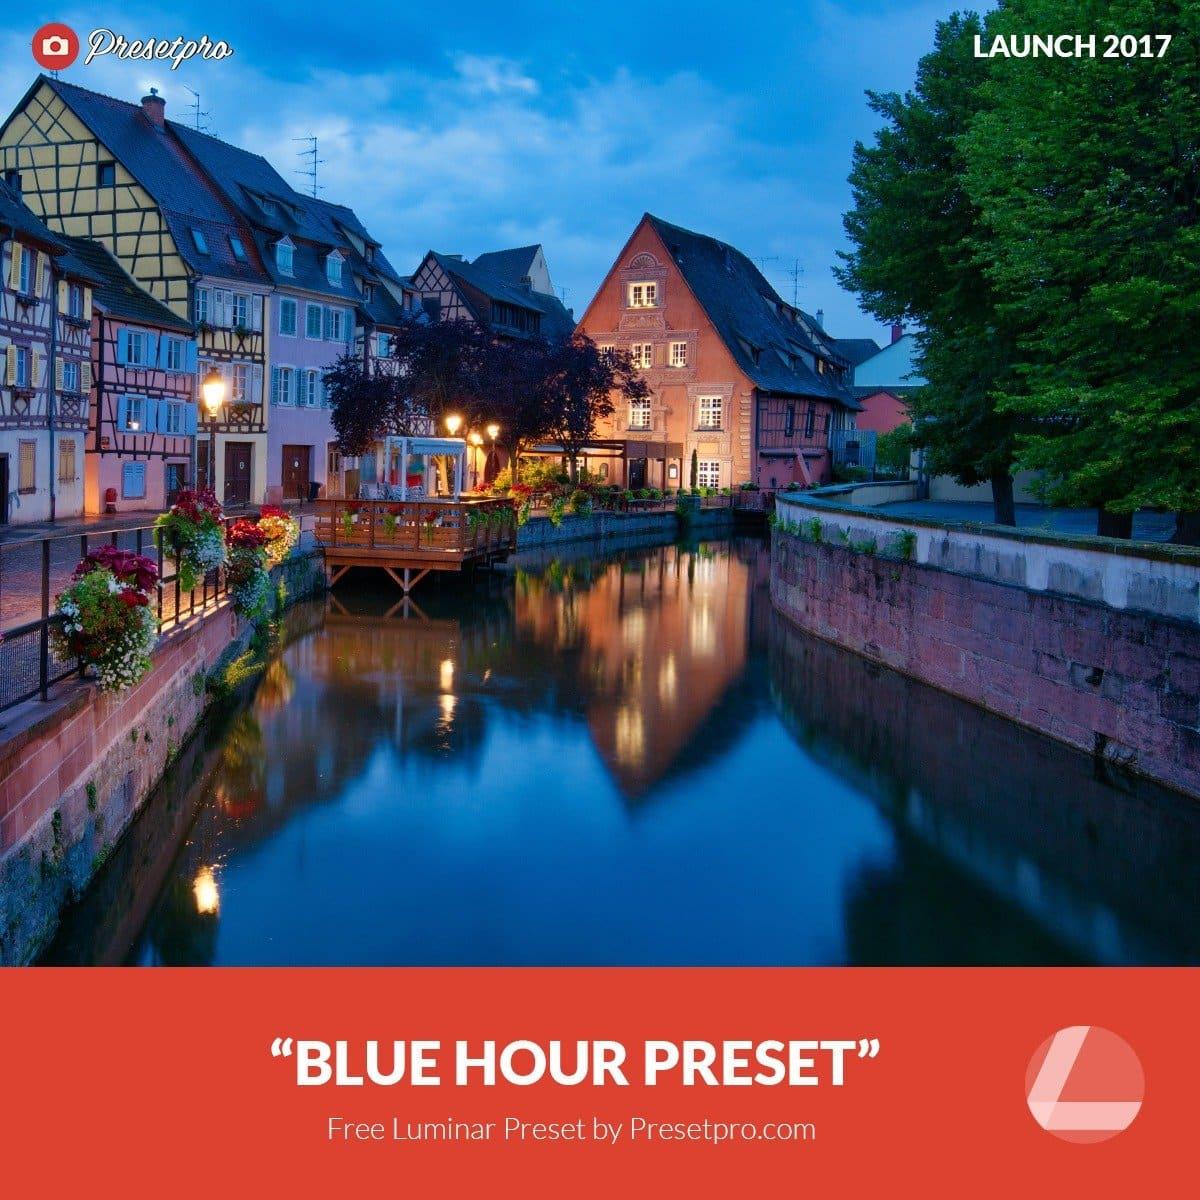 Free-Luminar-Preset-Blue-Hour-Presetpro.com